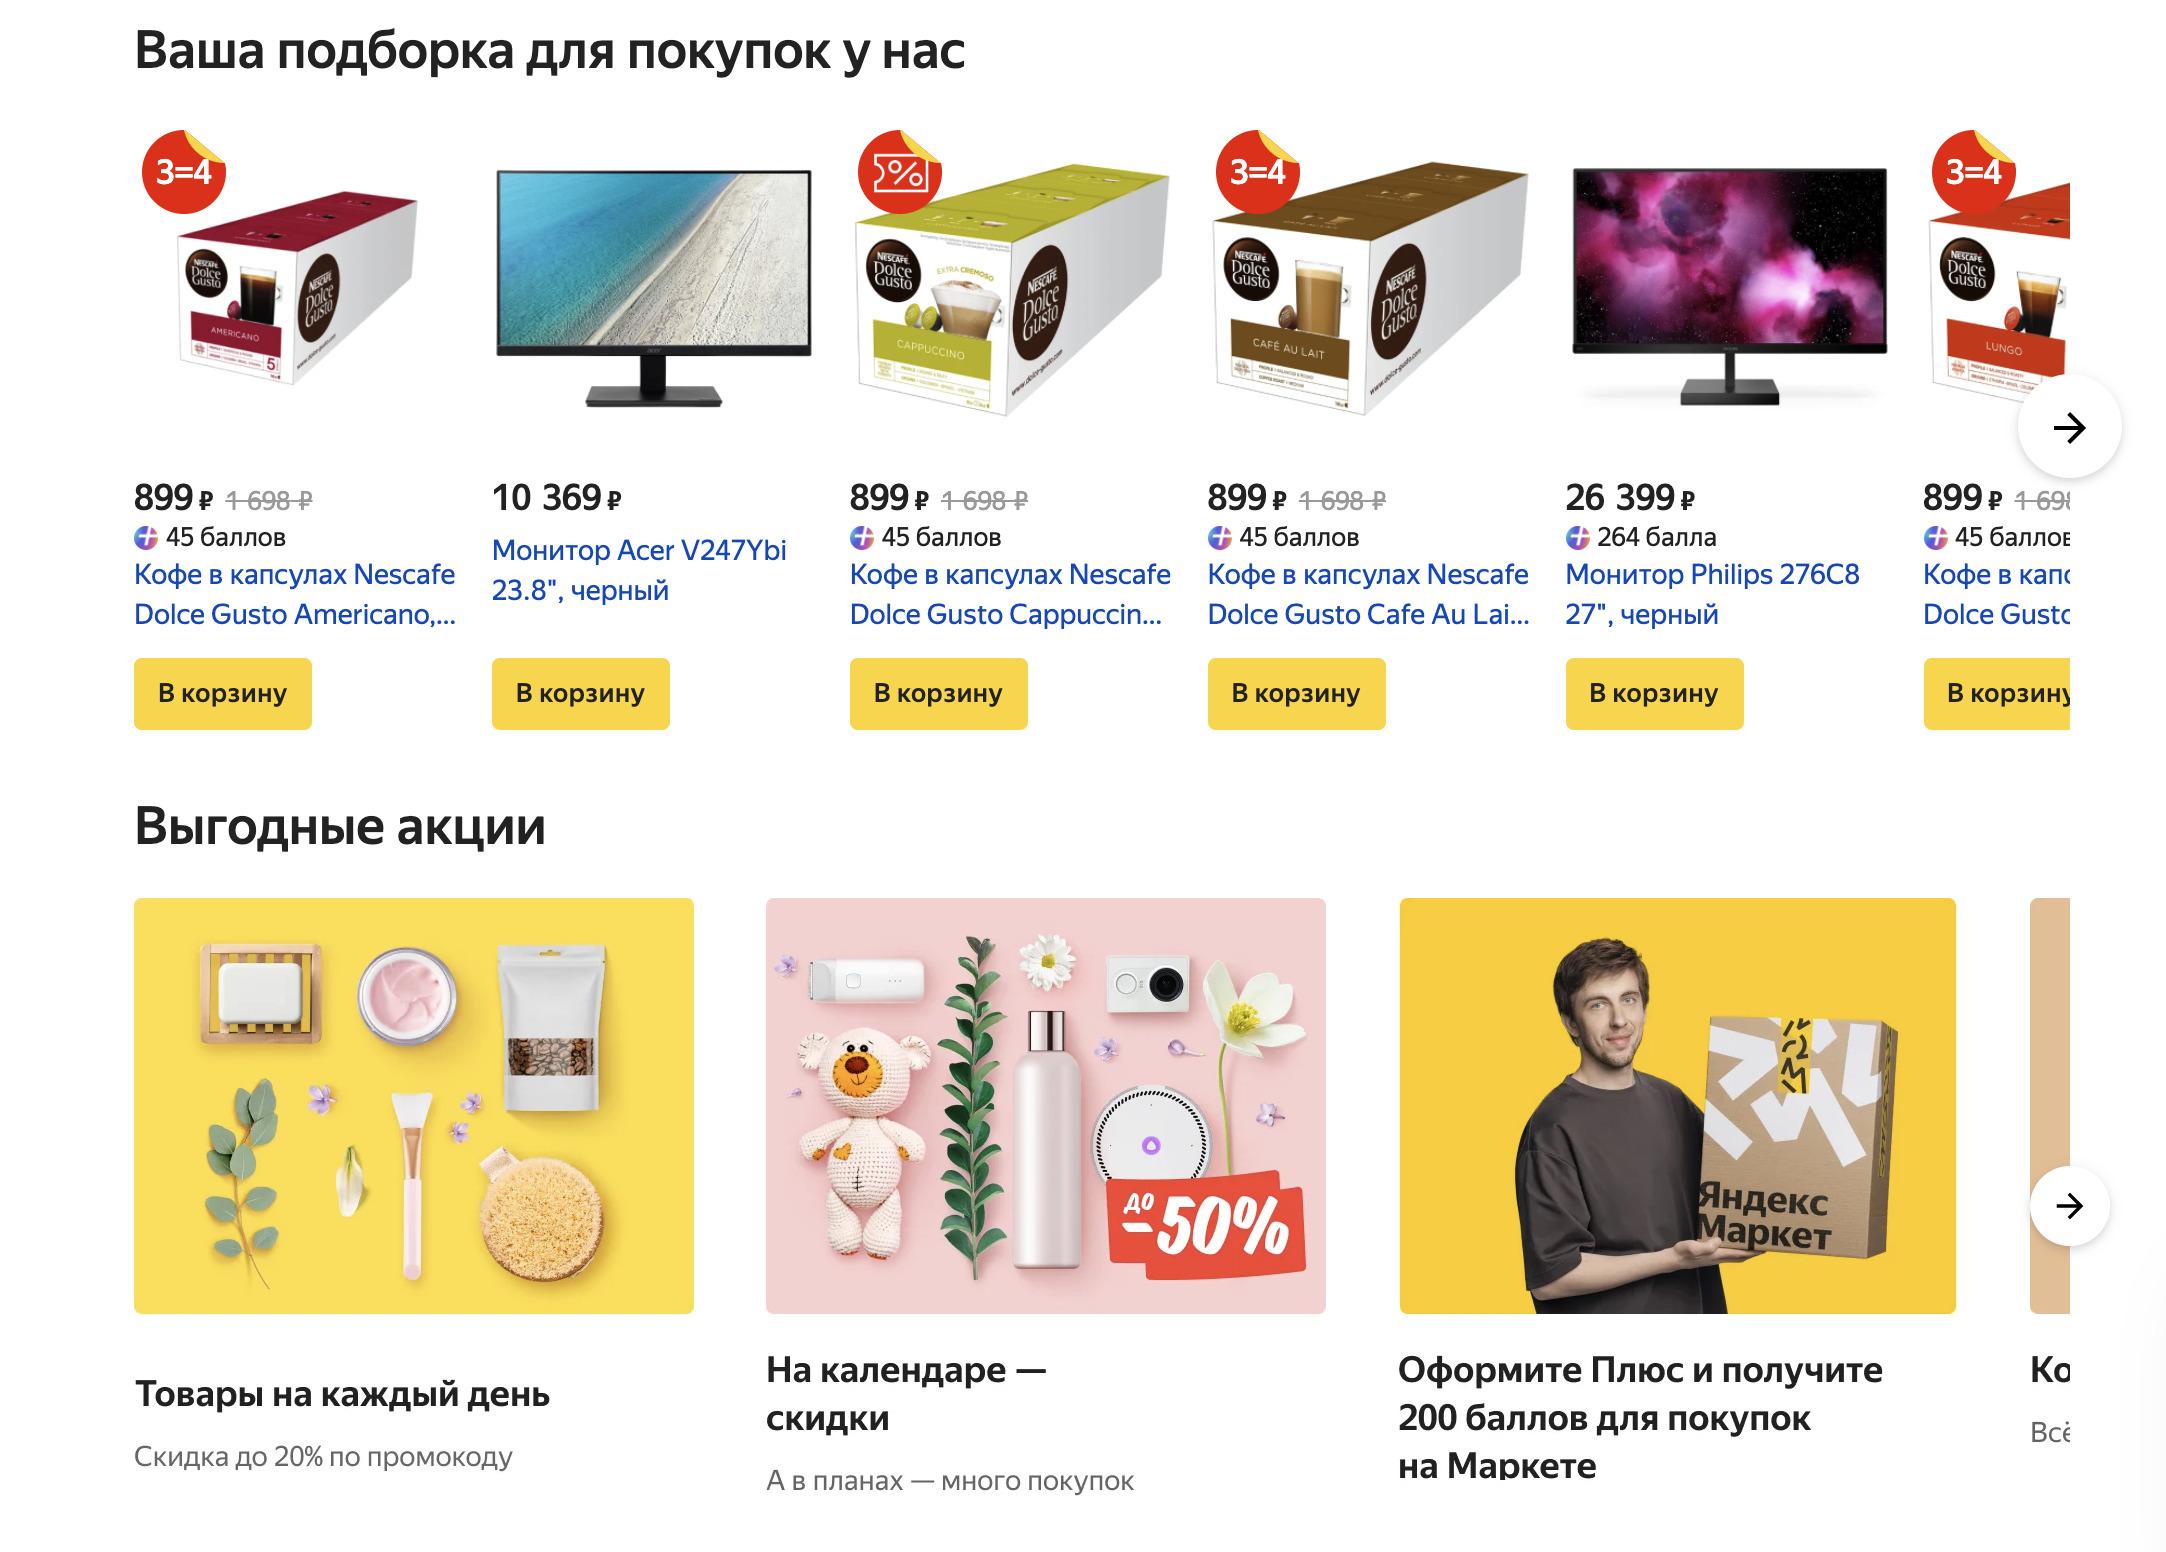 Доставка из Яндекс.Маркет в Дзержинск, сроки, пункты выдачи, каталог